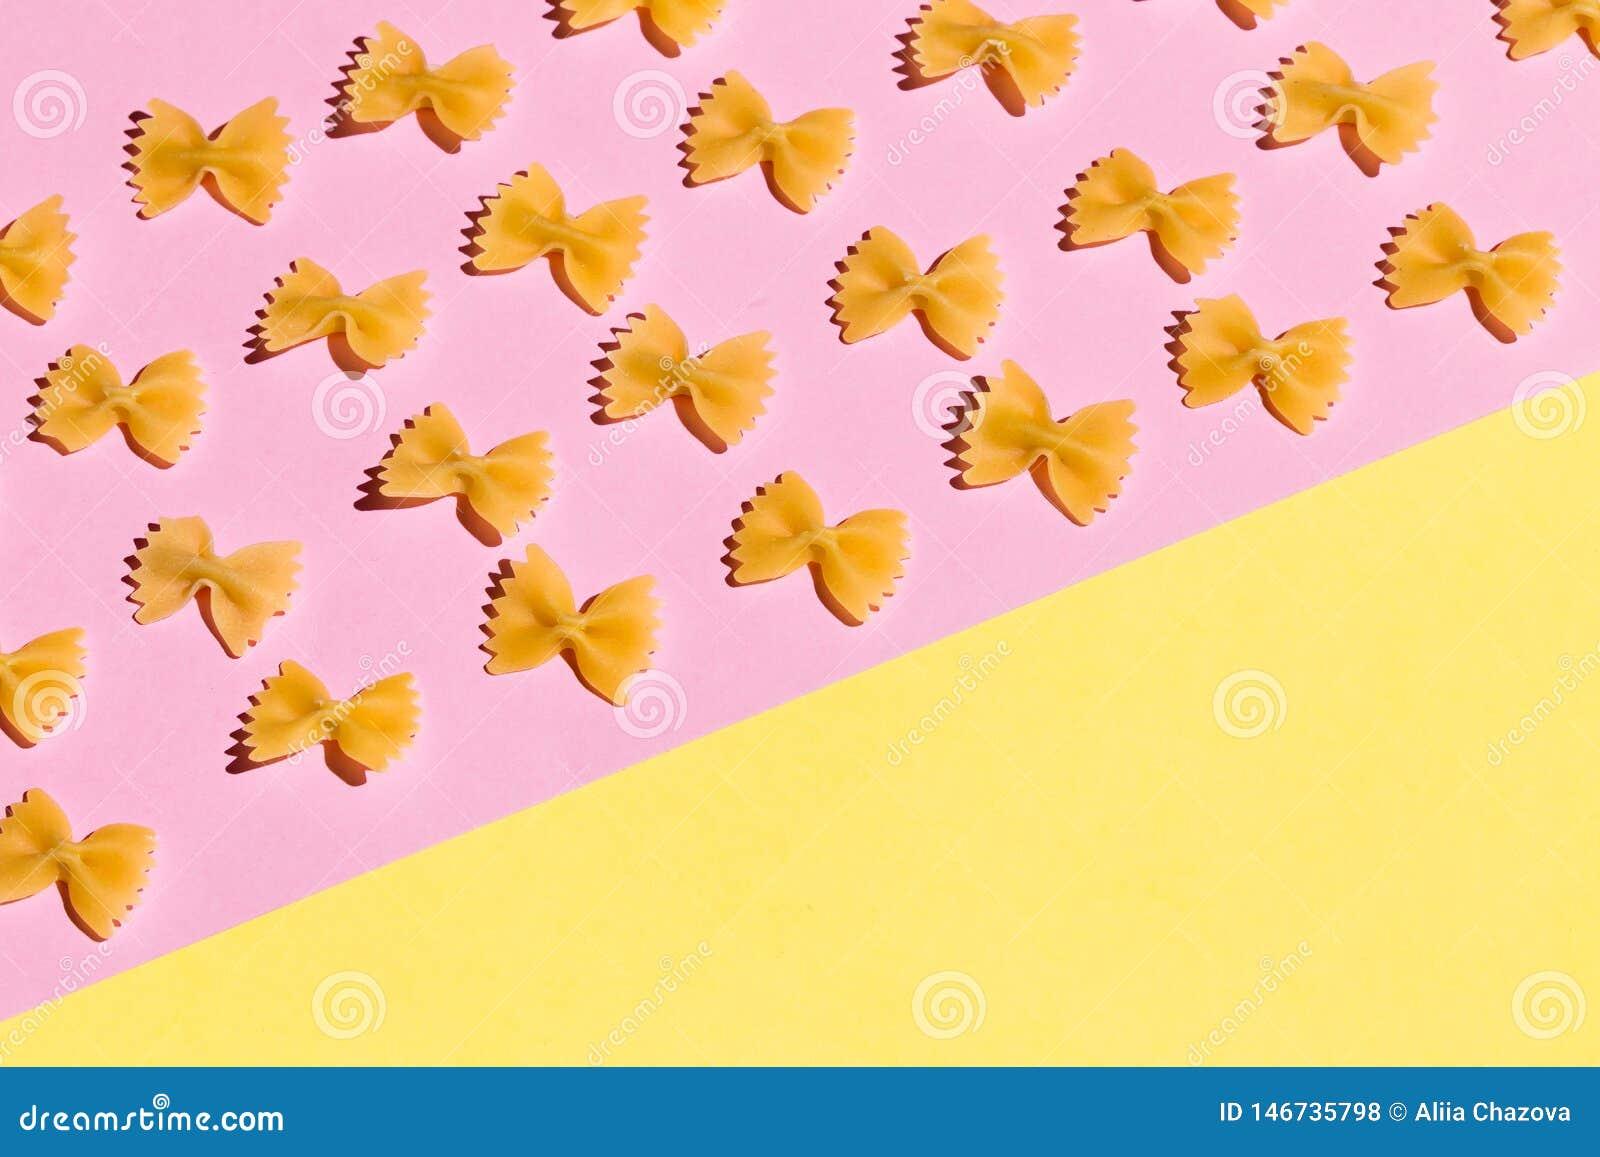 Motyle od mąki odizolowywającej na różowym tle